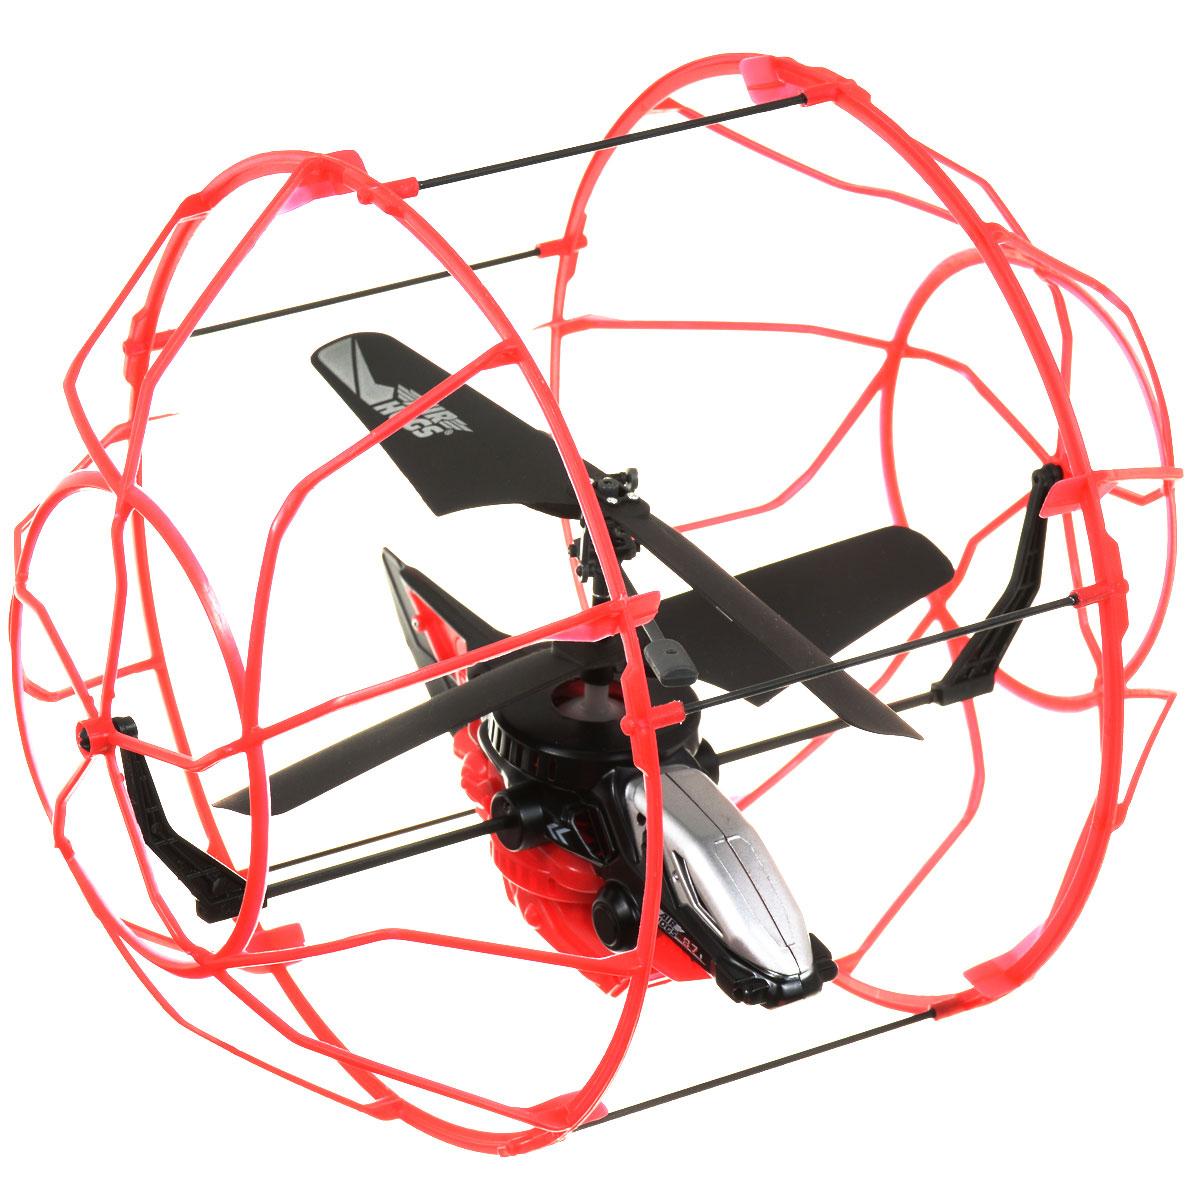 Air Hogs Вертолет на радиоуправлении Roller Copter цвет красный черный вертолет на радиоуправлении airhogs с камерой 44545